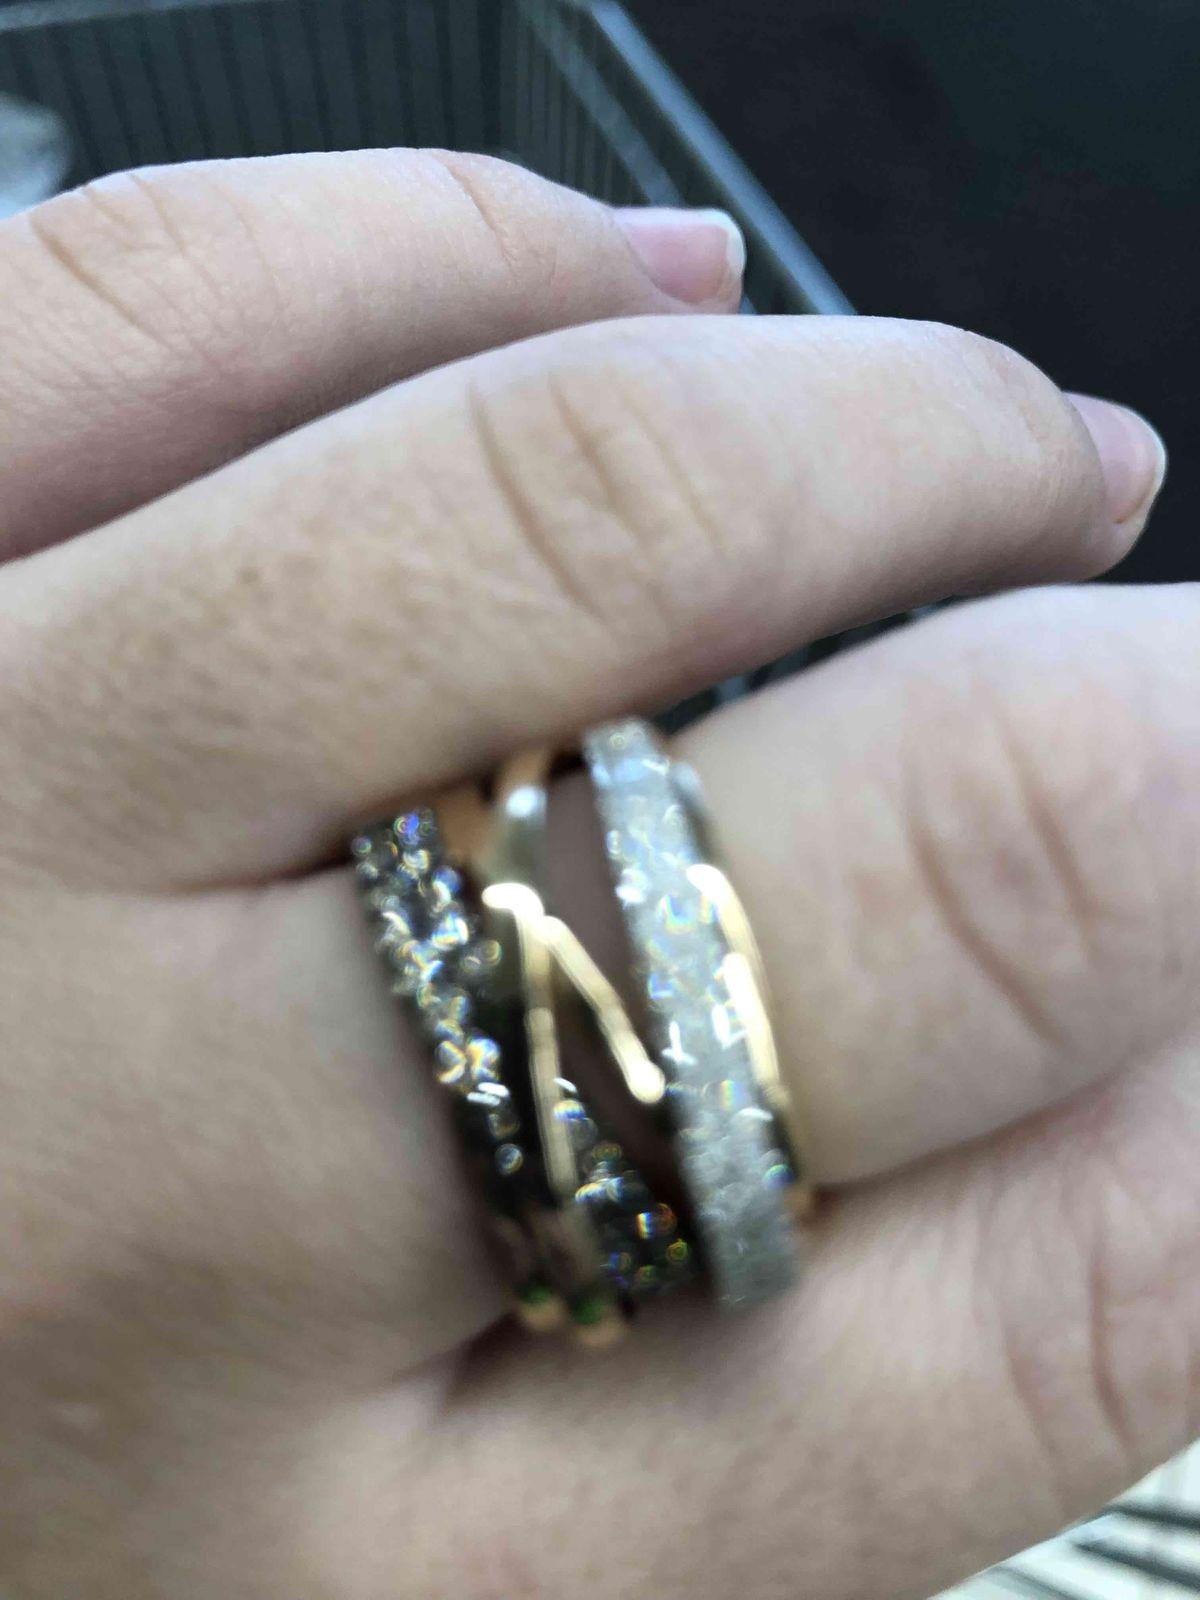 Кольцо очень красивое , блестит нереально.